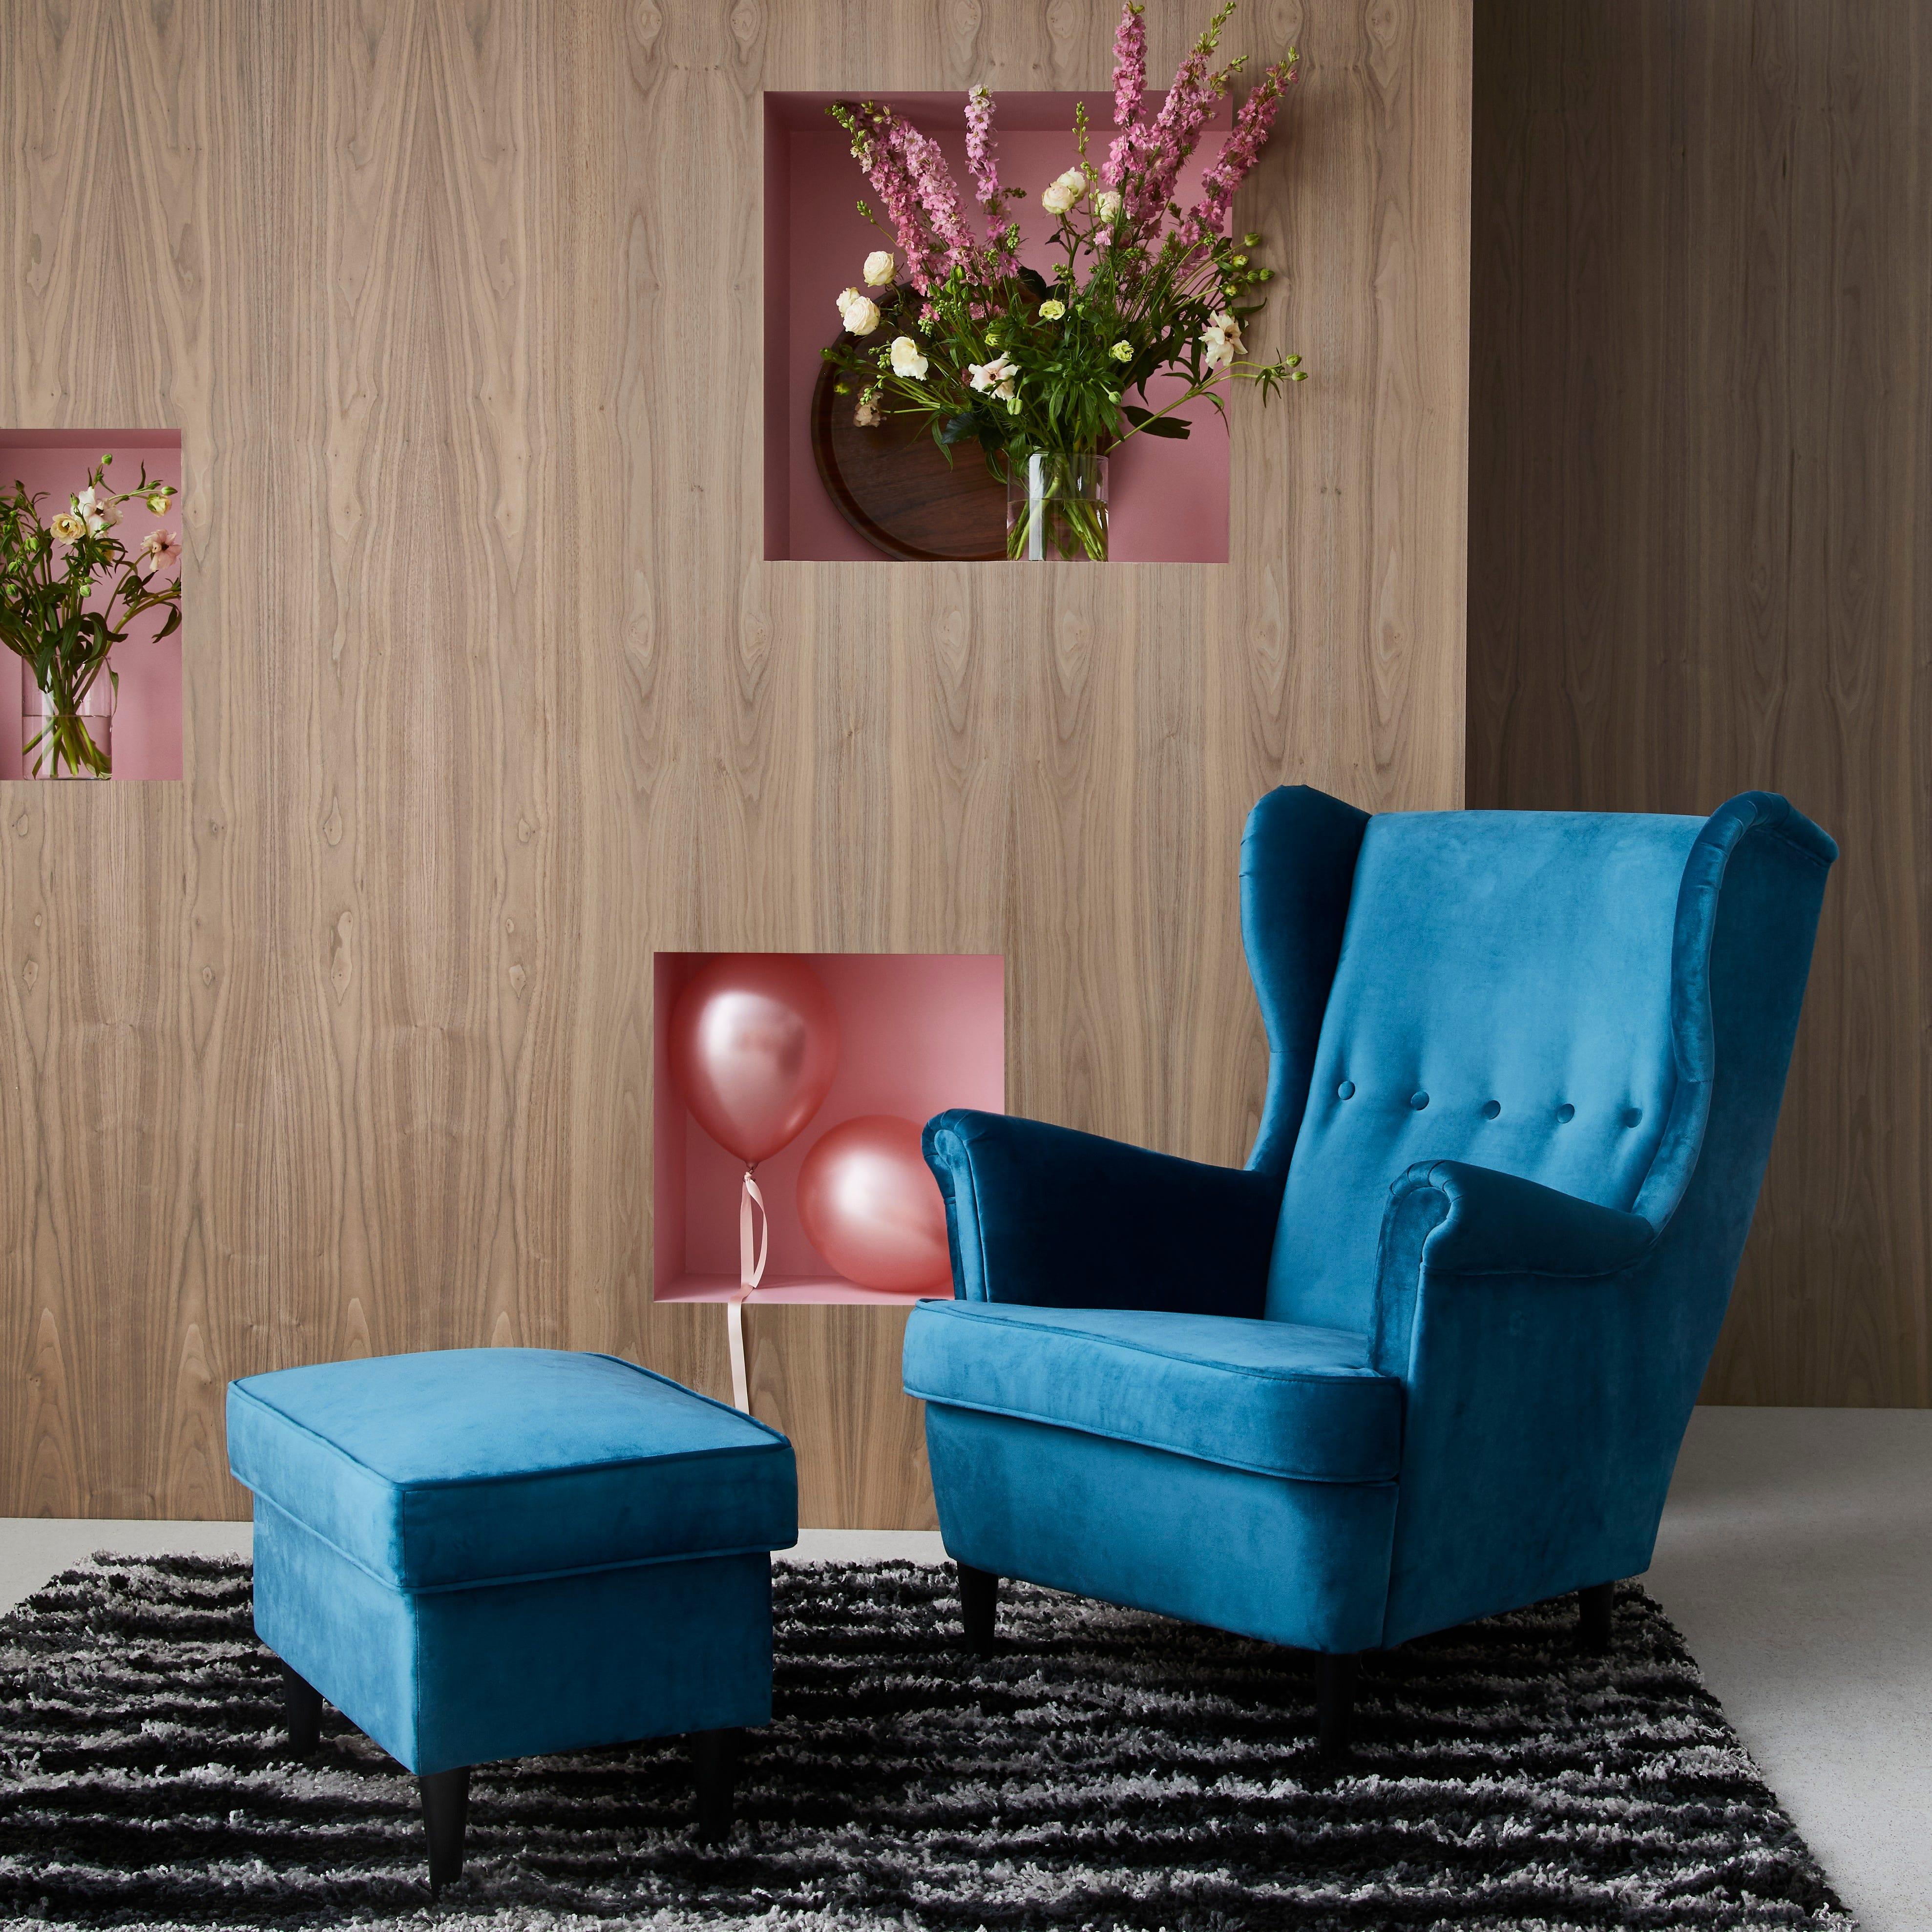 New Ikea Gratulera Collection Celebrates 75 Anniversary